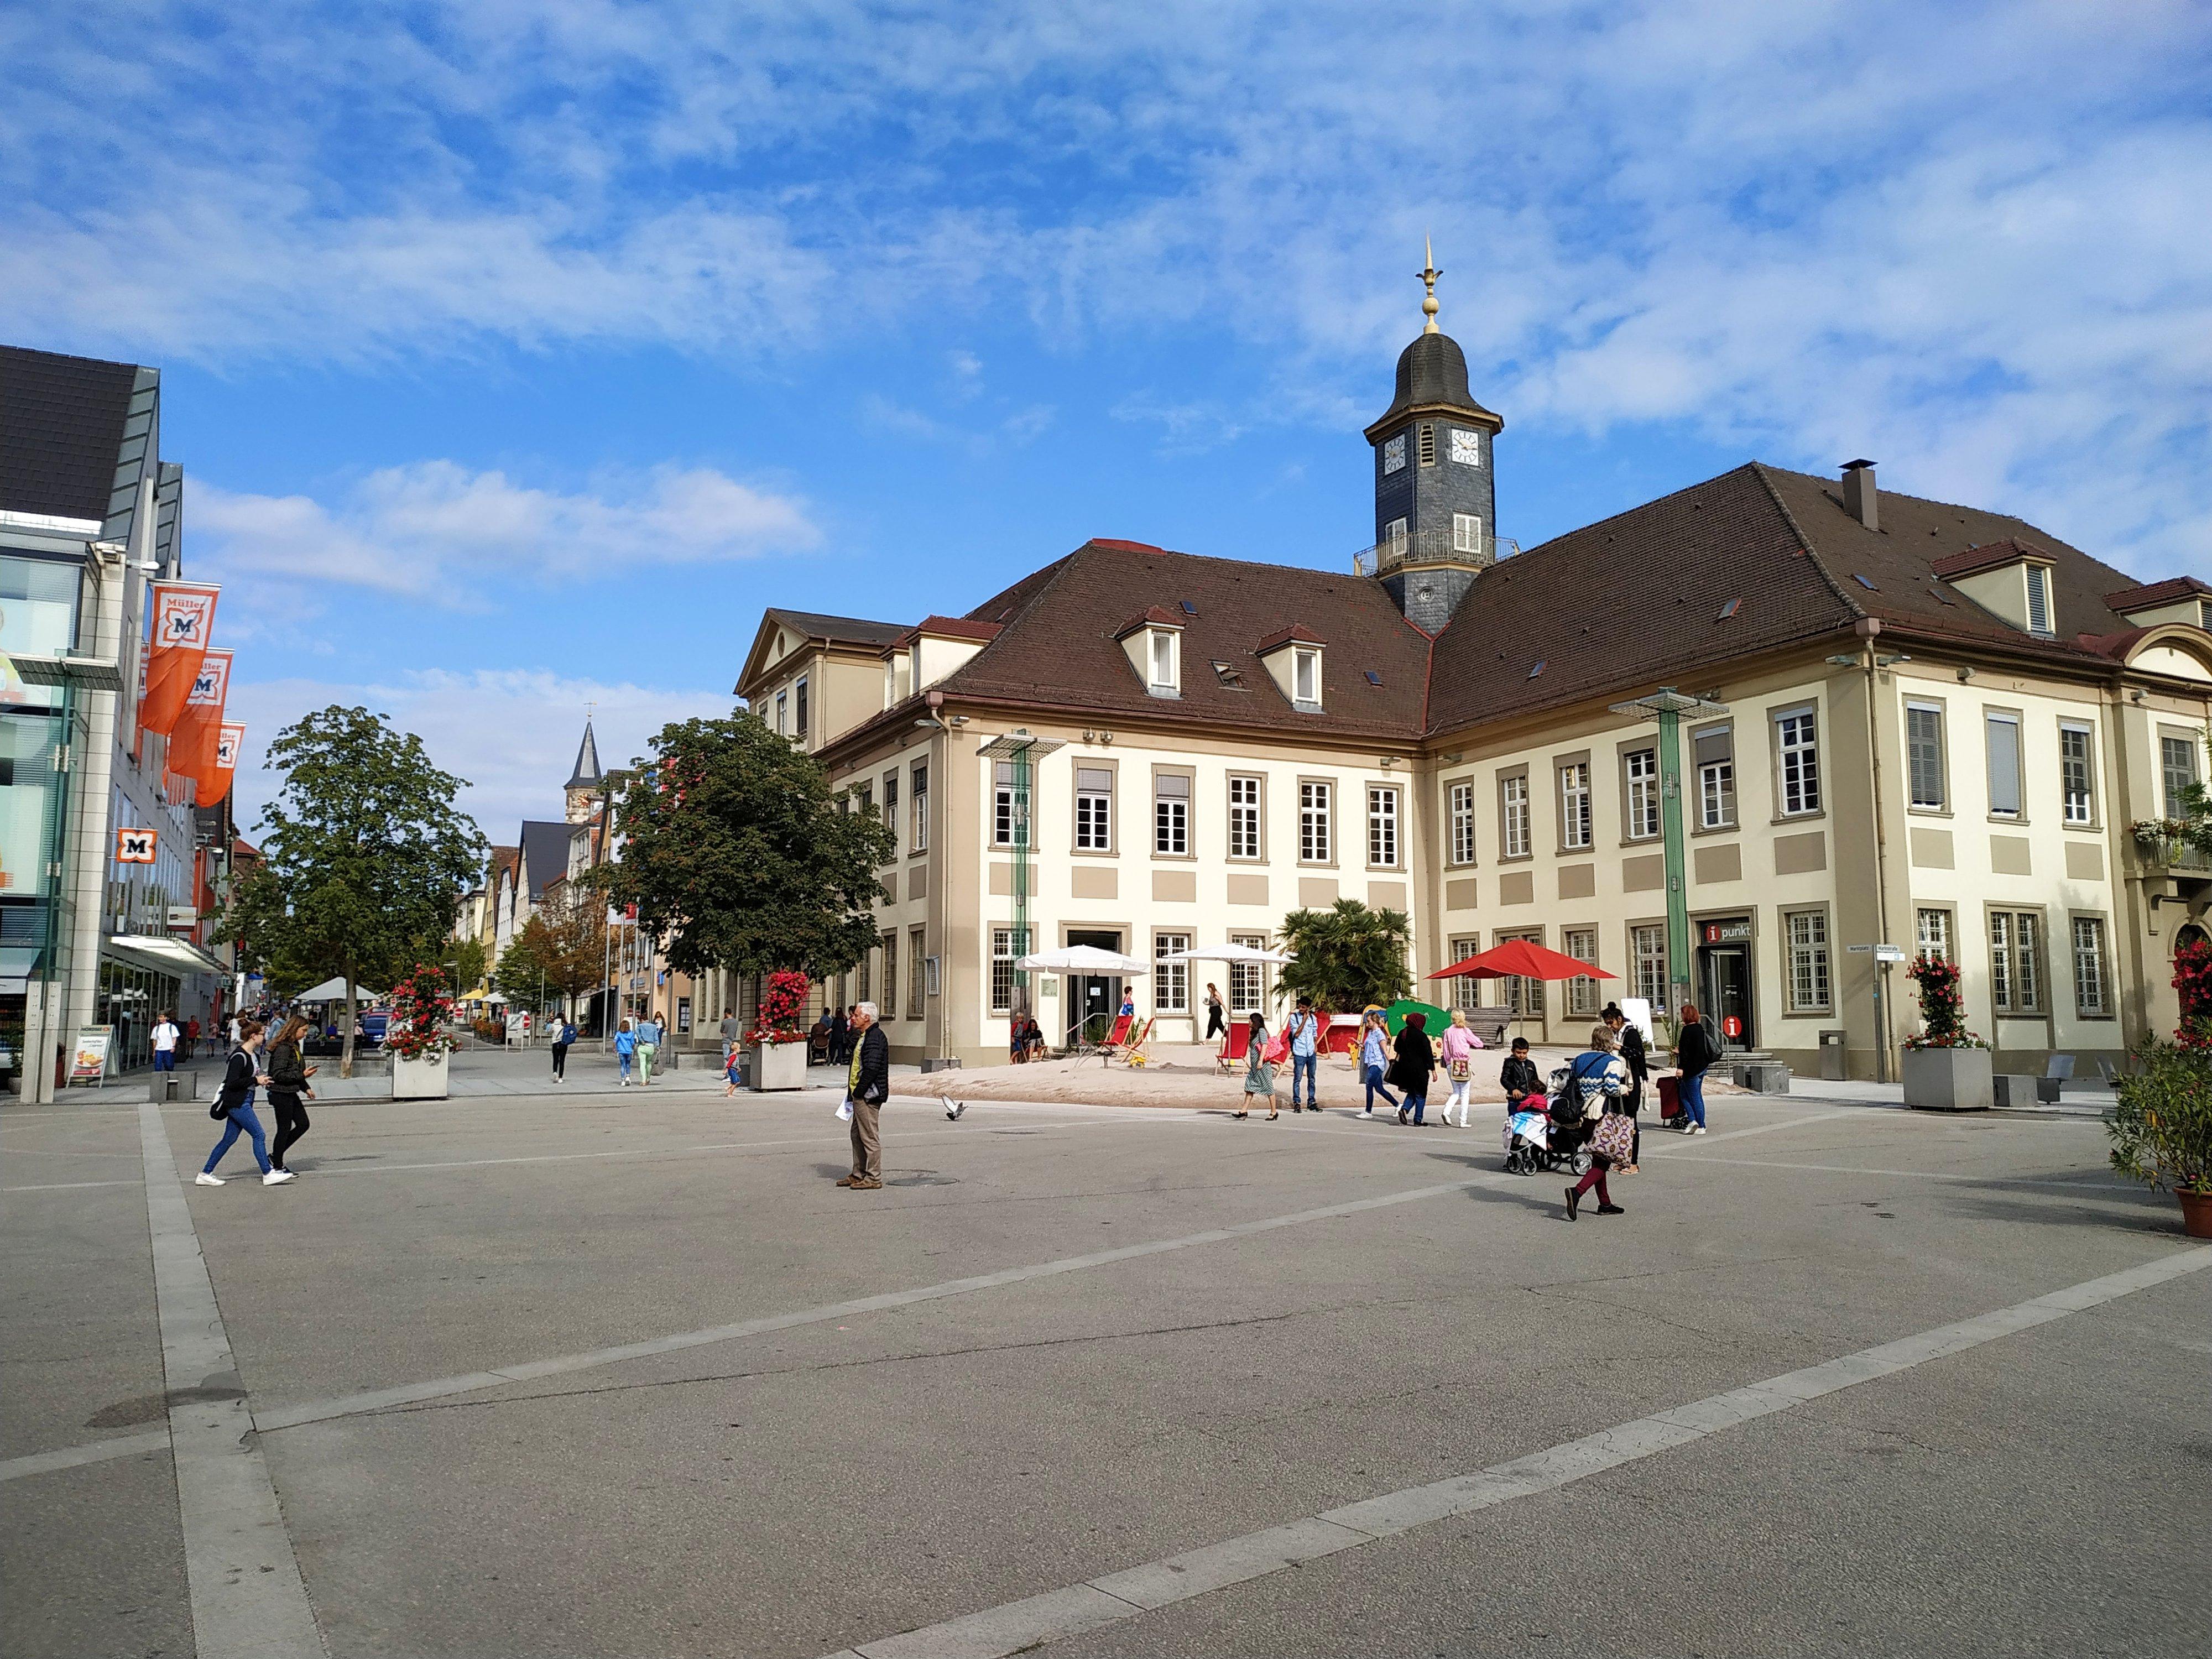 Göppingen Rathaus Immobiliensachverständiger REHKUGLER und BÜHLER GmbH